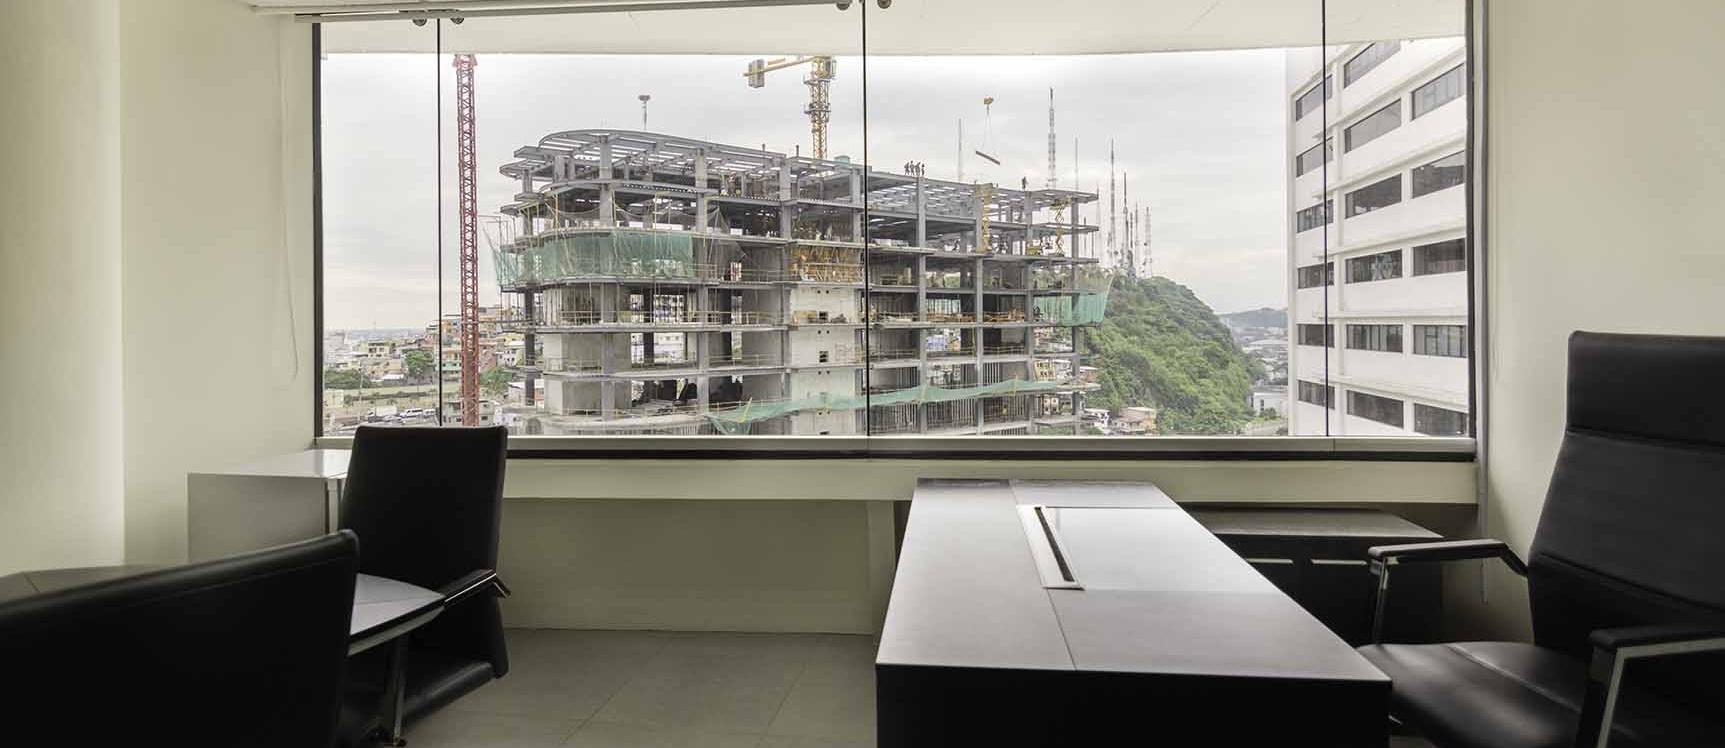 GeoBienes - Oficina en Alquiler Edificio The Point, Puerto Santa Ana, Centro de Guayaquil - Plusvalia Guayaquil Casas de venta y alquiler Inmobiliaria Ecuador